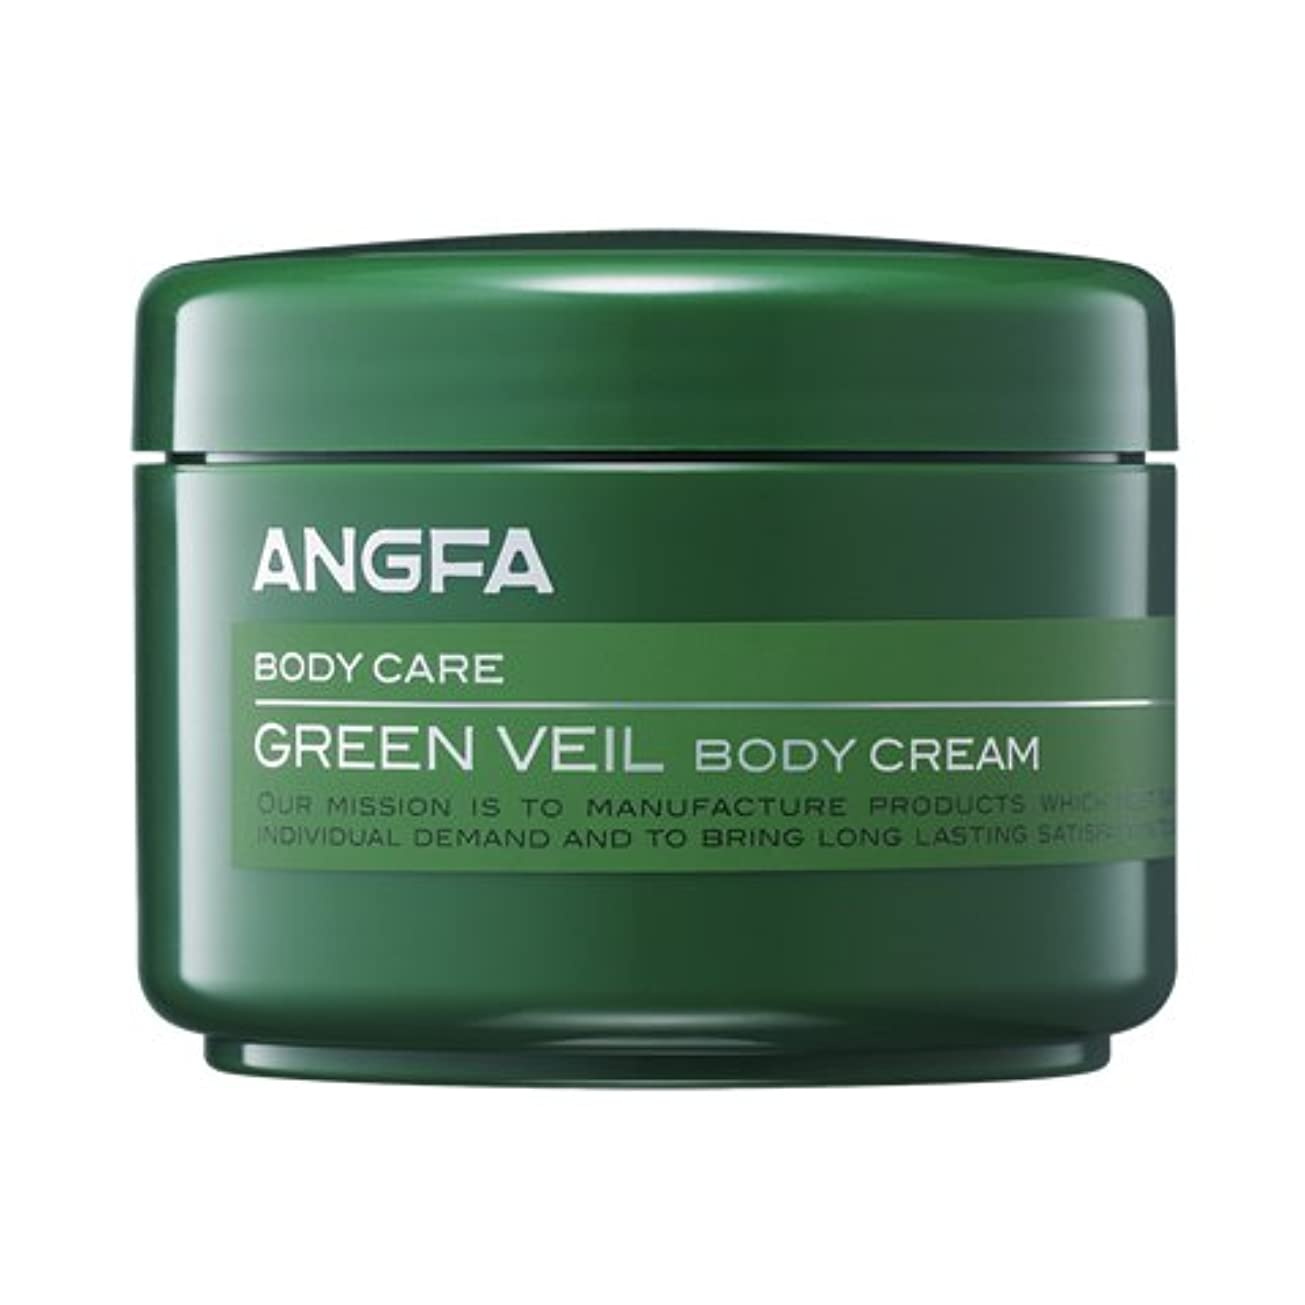 鏡退却スカイアンファー (ANGFA) グリーンベール 薬用ボディクリーム 45g グリーンフローラル [乾燥?保湿] かゆみ肌